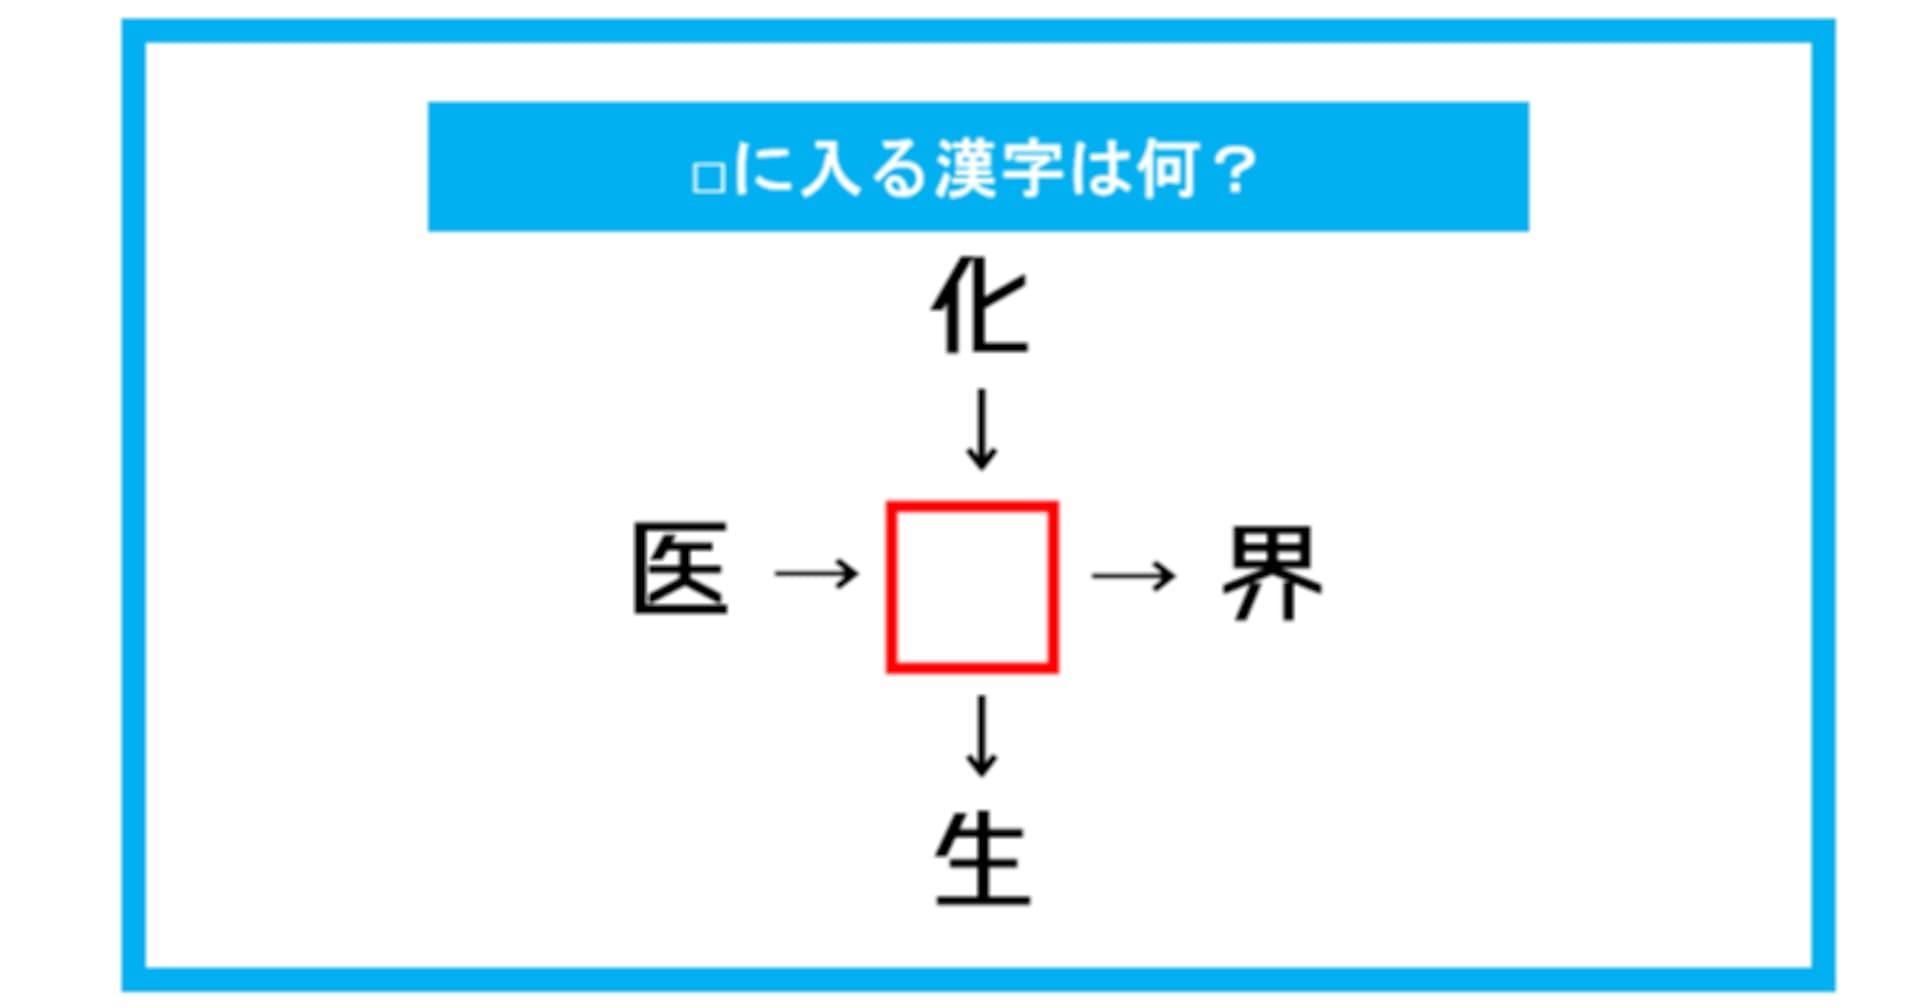 【漢字穴埋めクイズ】□に入る漢字は何?(第320問)